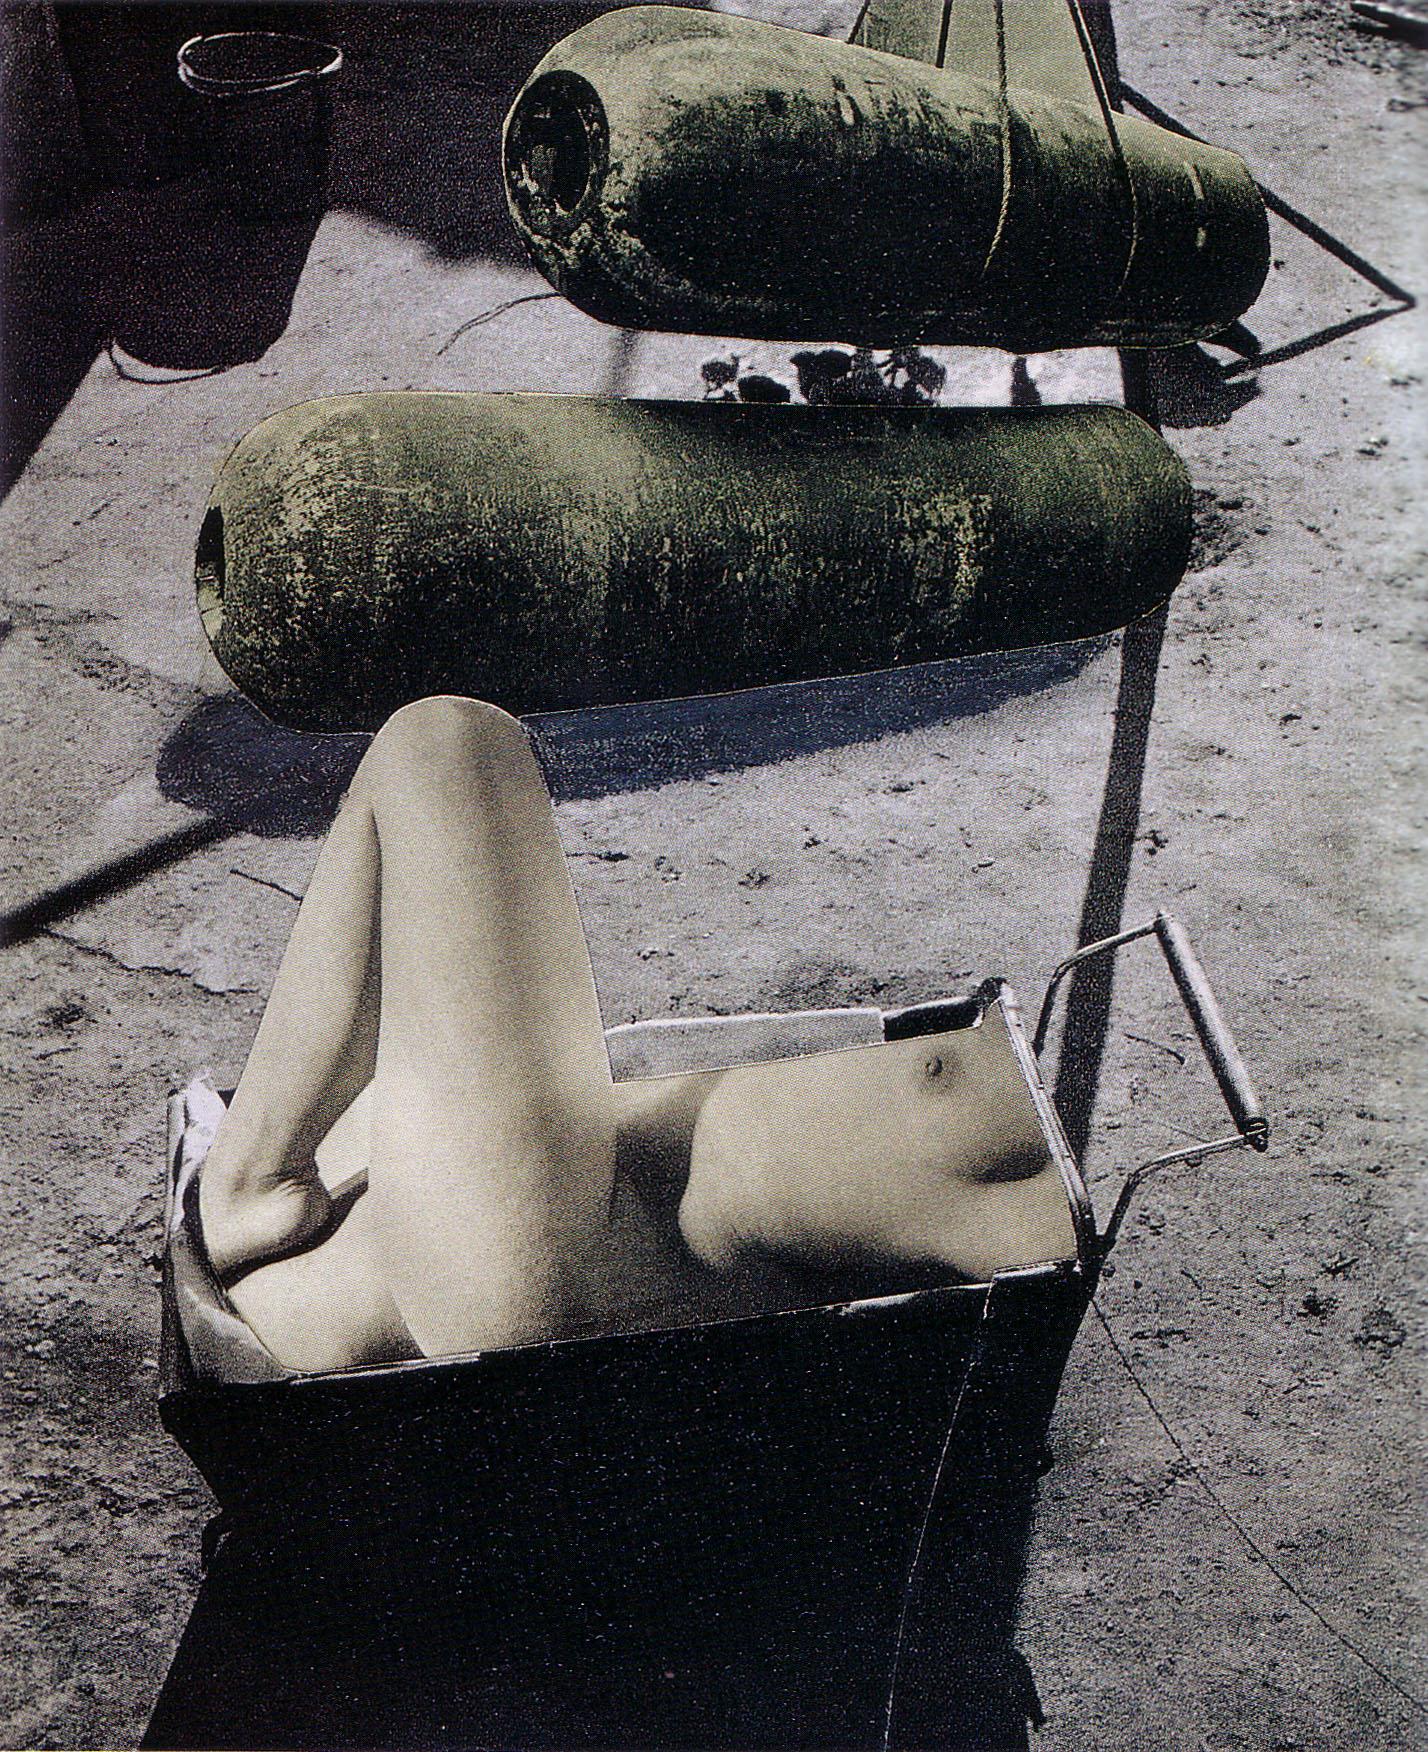 Karel Teige- Collage 163, 1940.